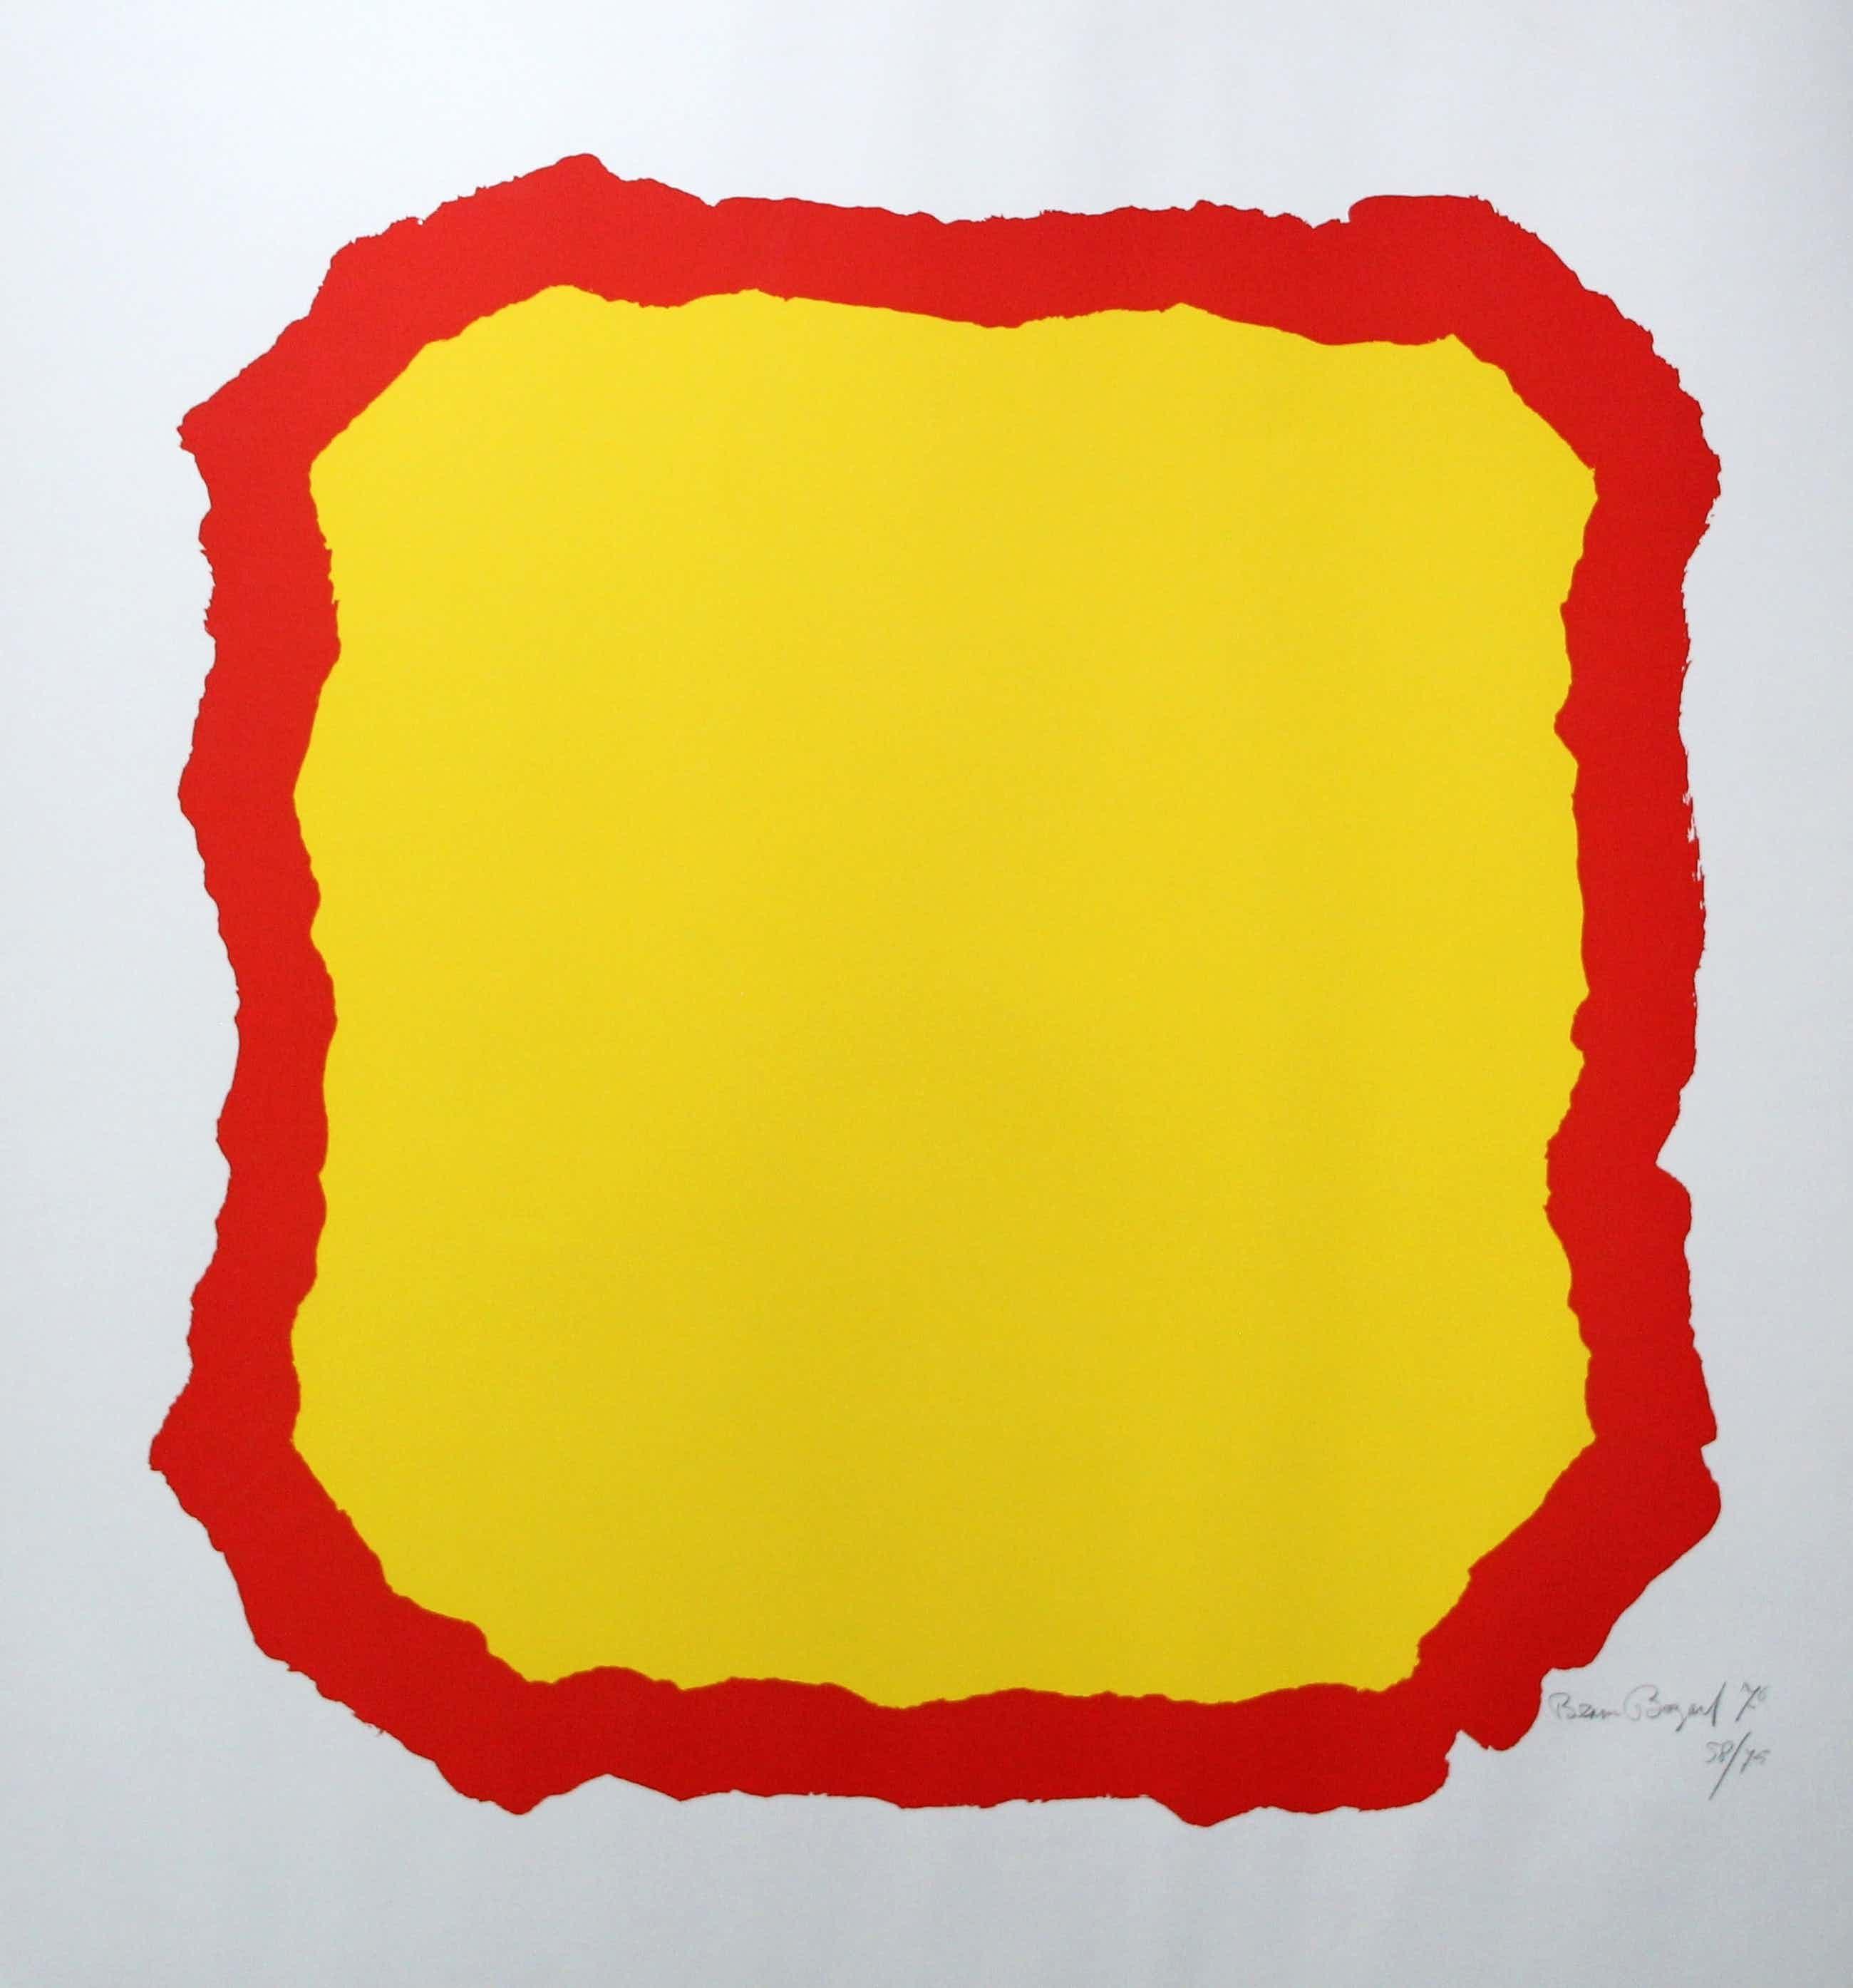 Bram Bogart - zeefdruk: geel vlak met rode rand - 1976 kopen? Bied vanaf 130!